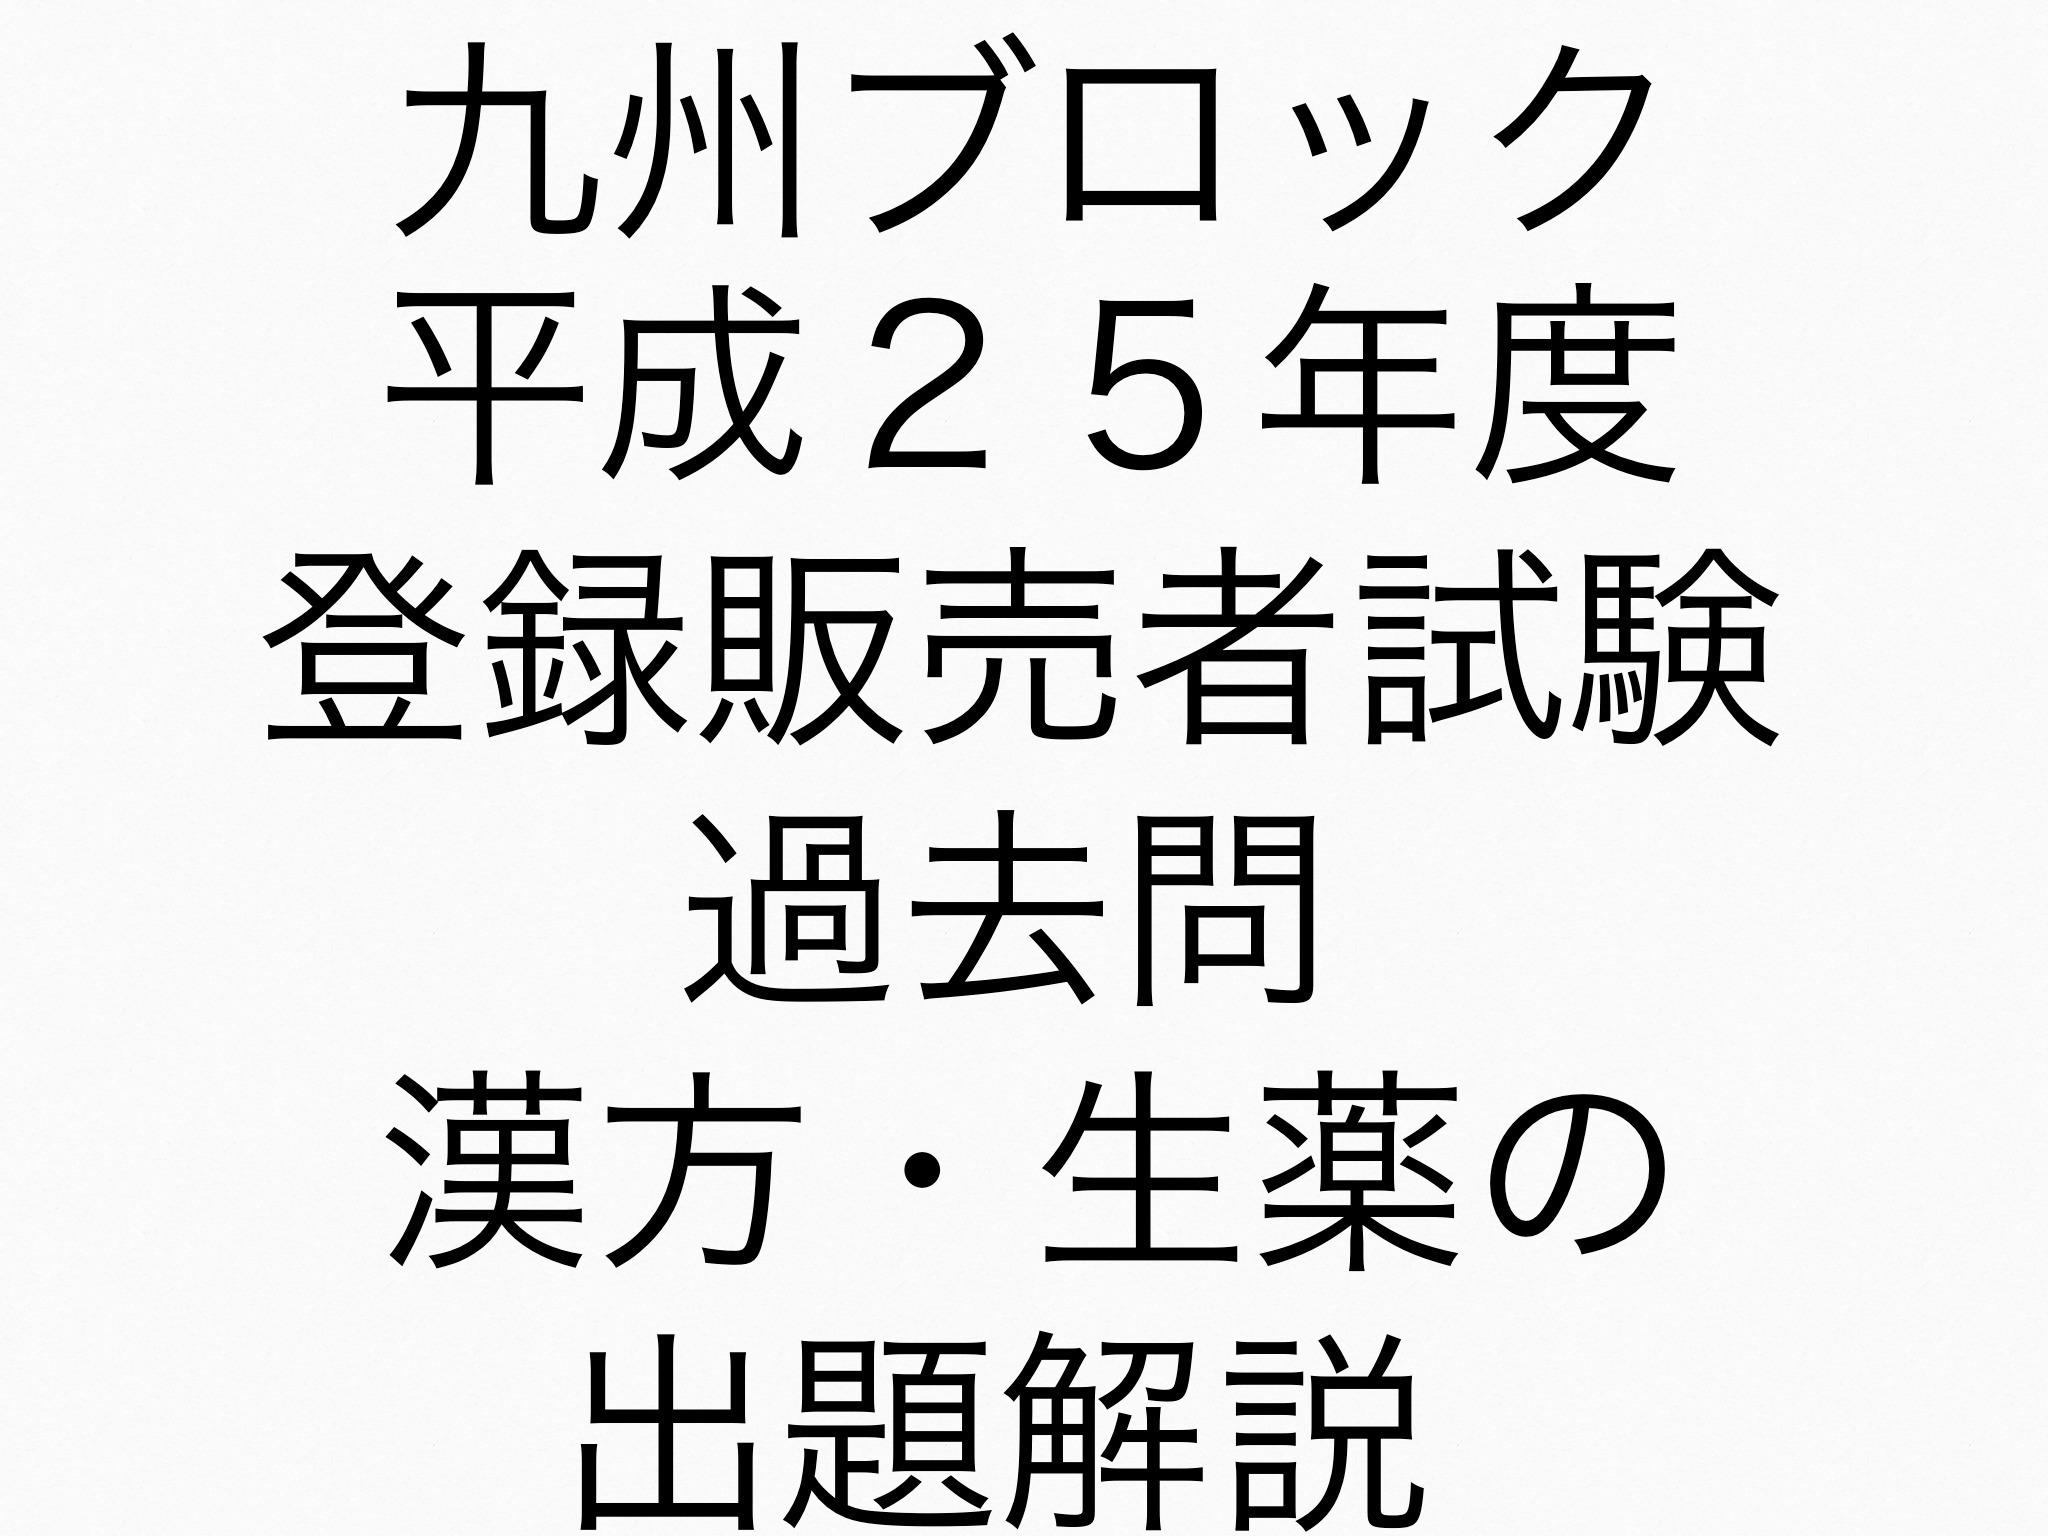 九州H25)登録販売者試験過去問 漢方・生薬の問題解説/出題傾向